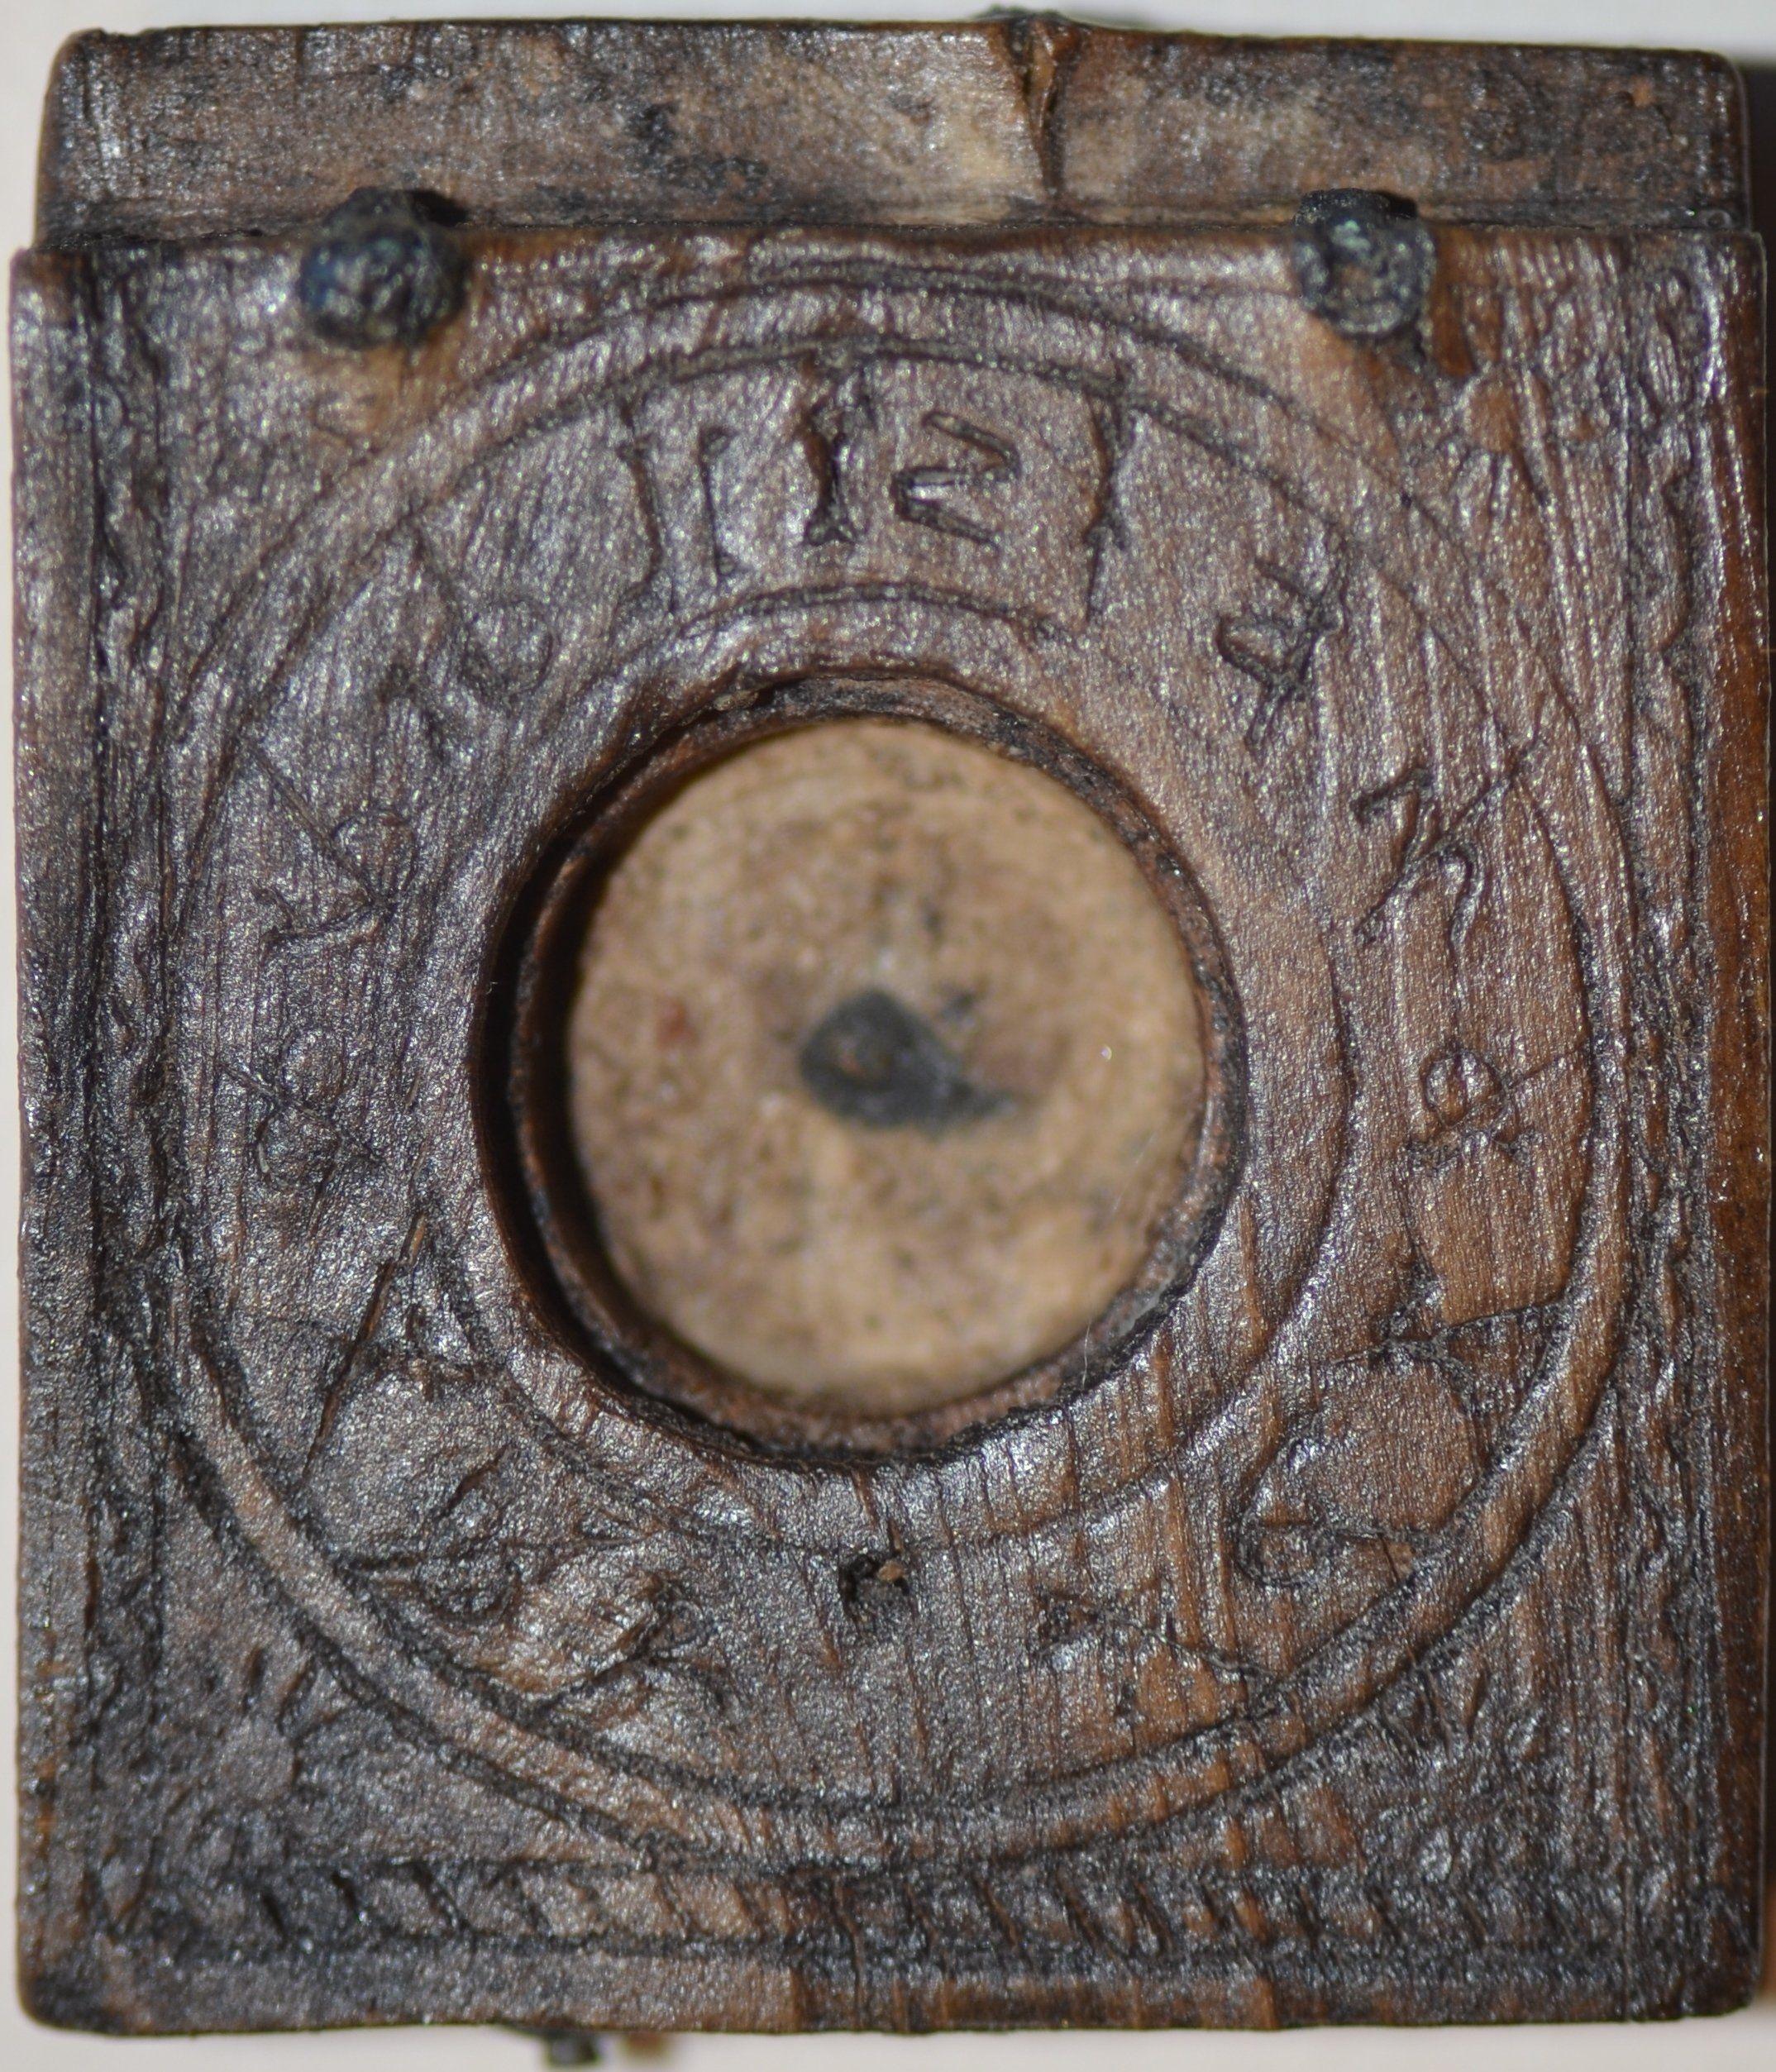 Houten onderblad van een diptiek (zakzonnewijzer). In het centrum tussen de wijzerplaat bevond zich het kompas. Afmetingen 3,5 x 3,1 x 0,7 cm, datering circa 1550 (Beeldbank SCEZ).